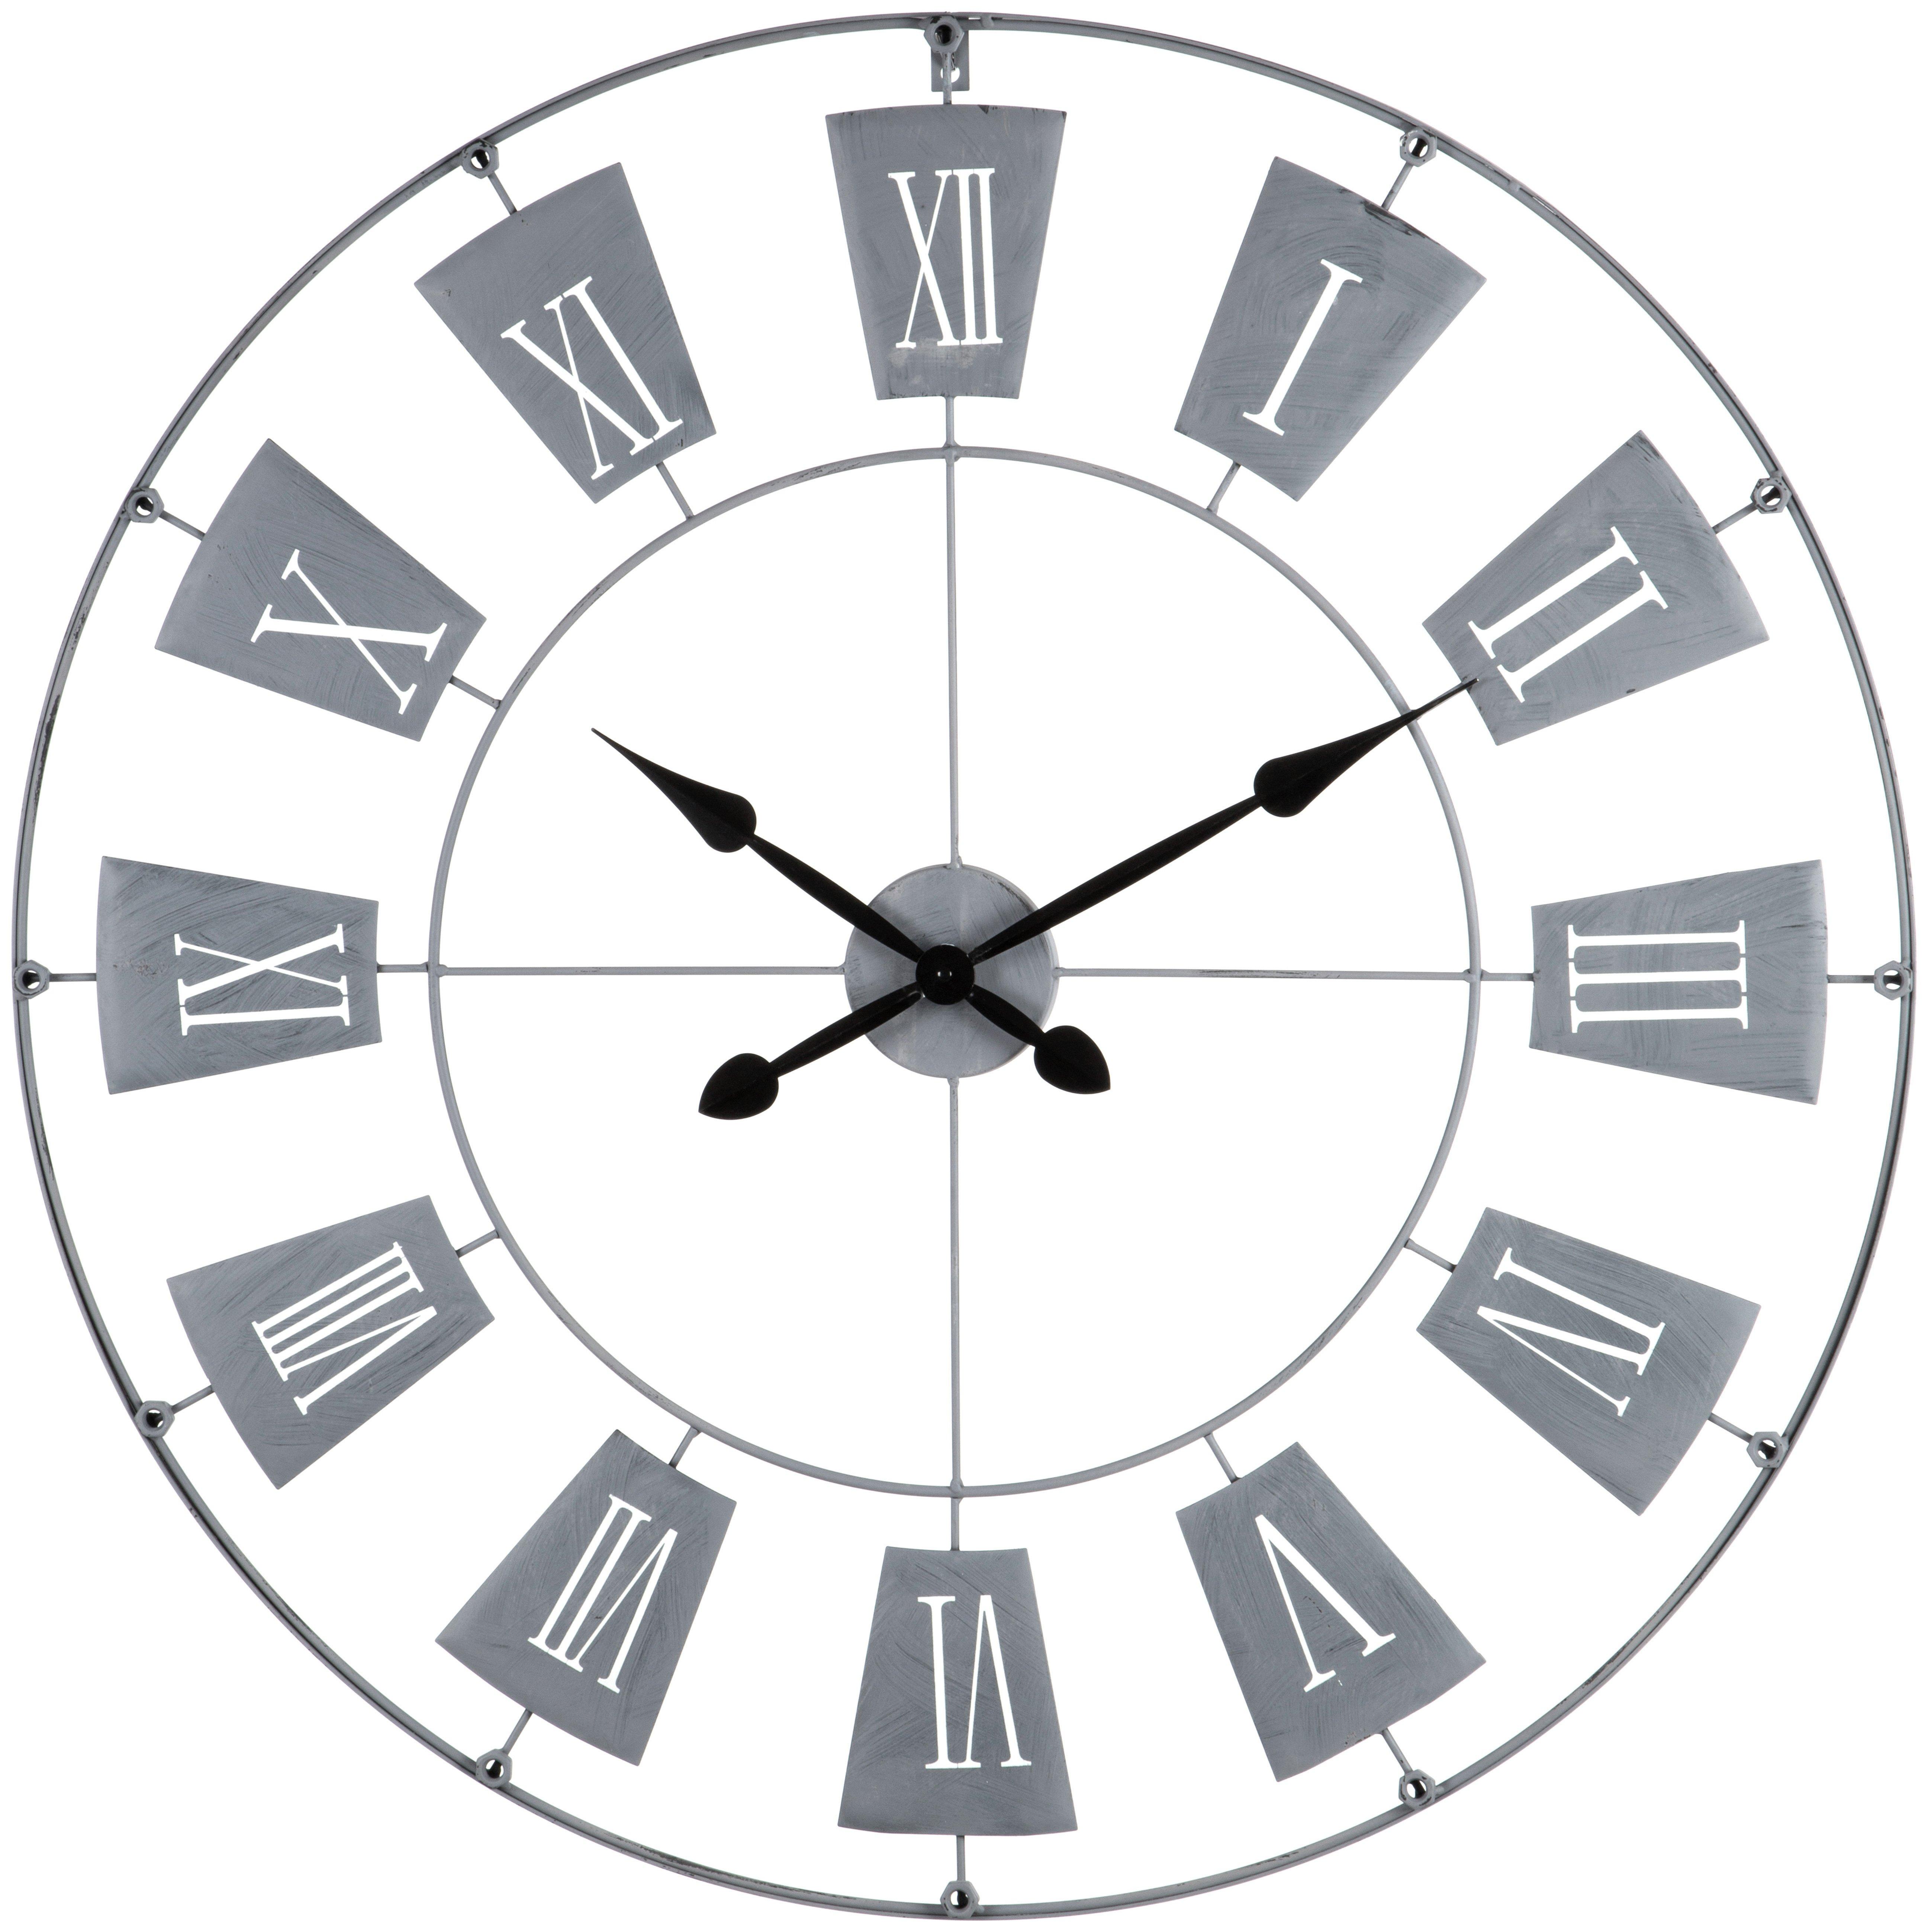 Buy Premier Housewares Contemporary Wall Clock - Grey At Argos.Co